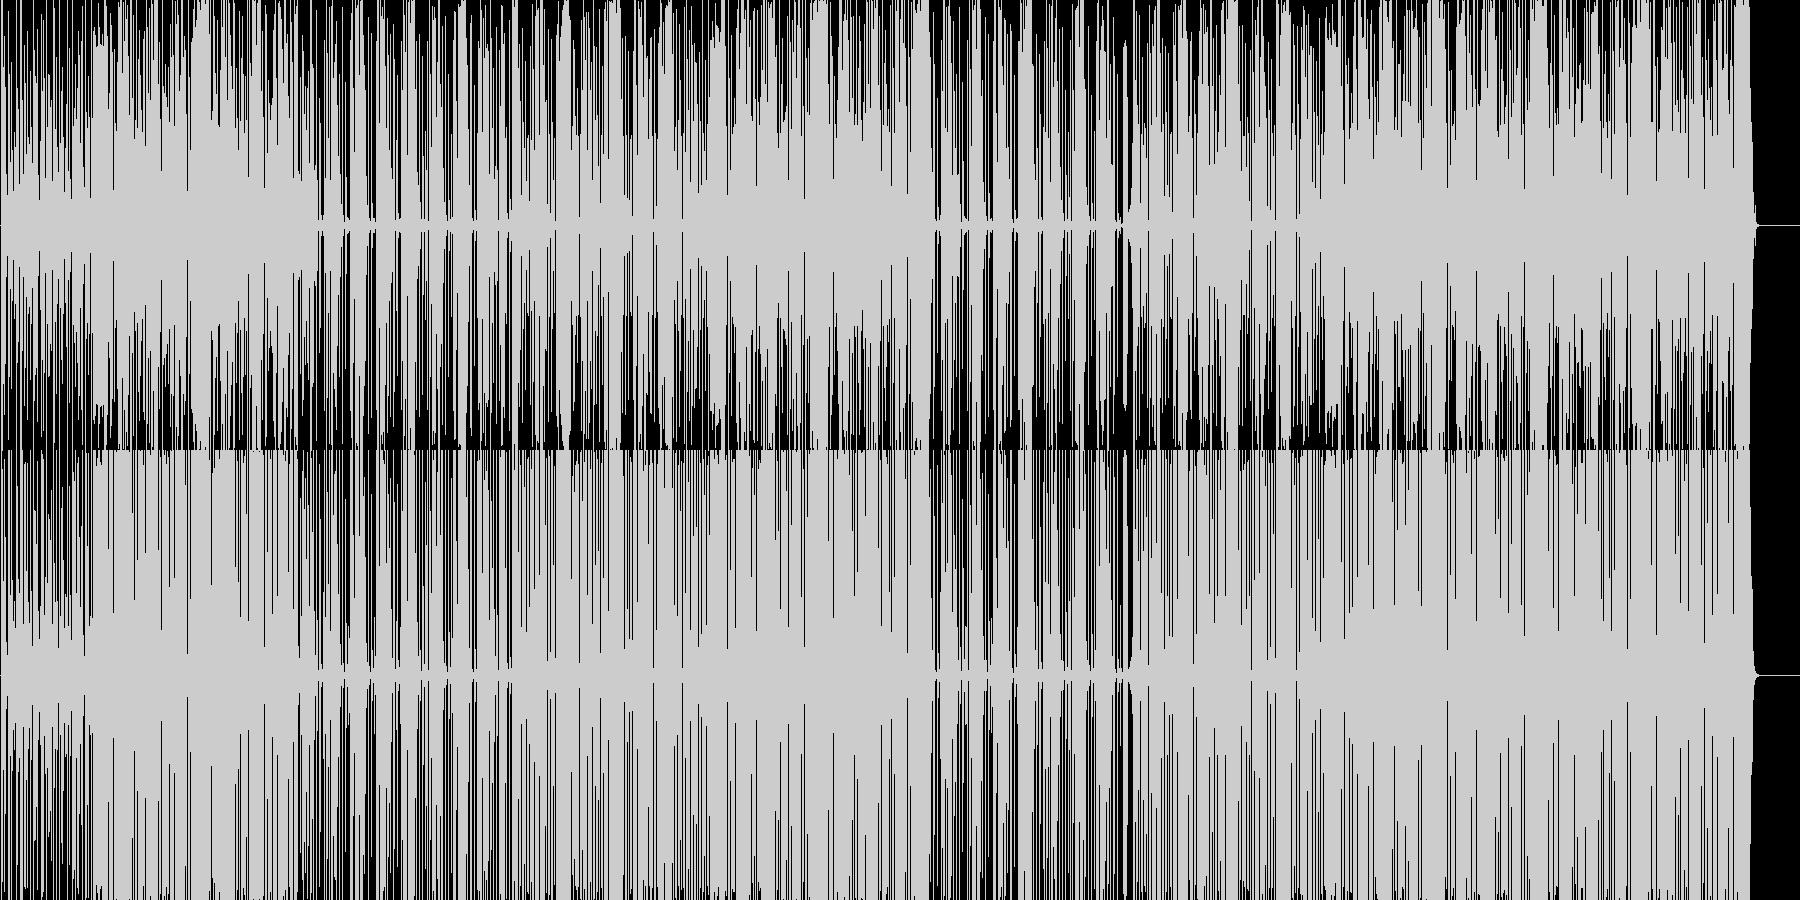 Trap サウス ビート の未再生の波形